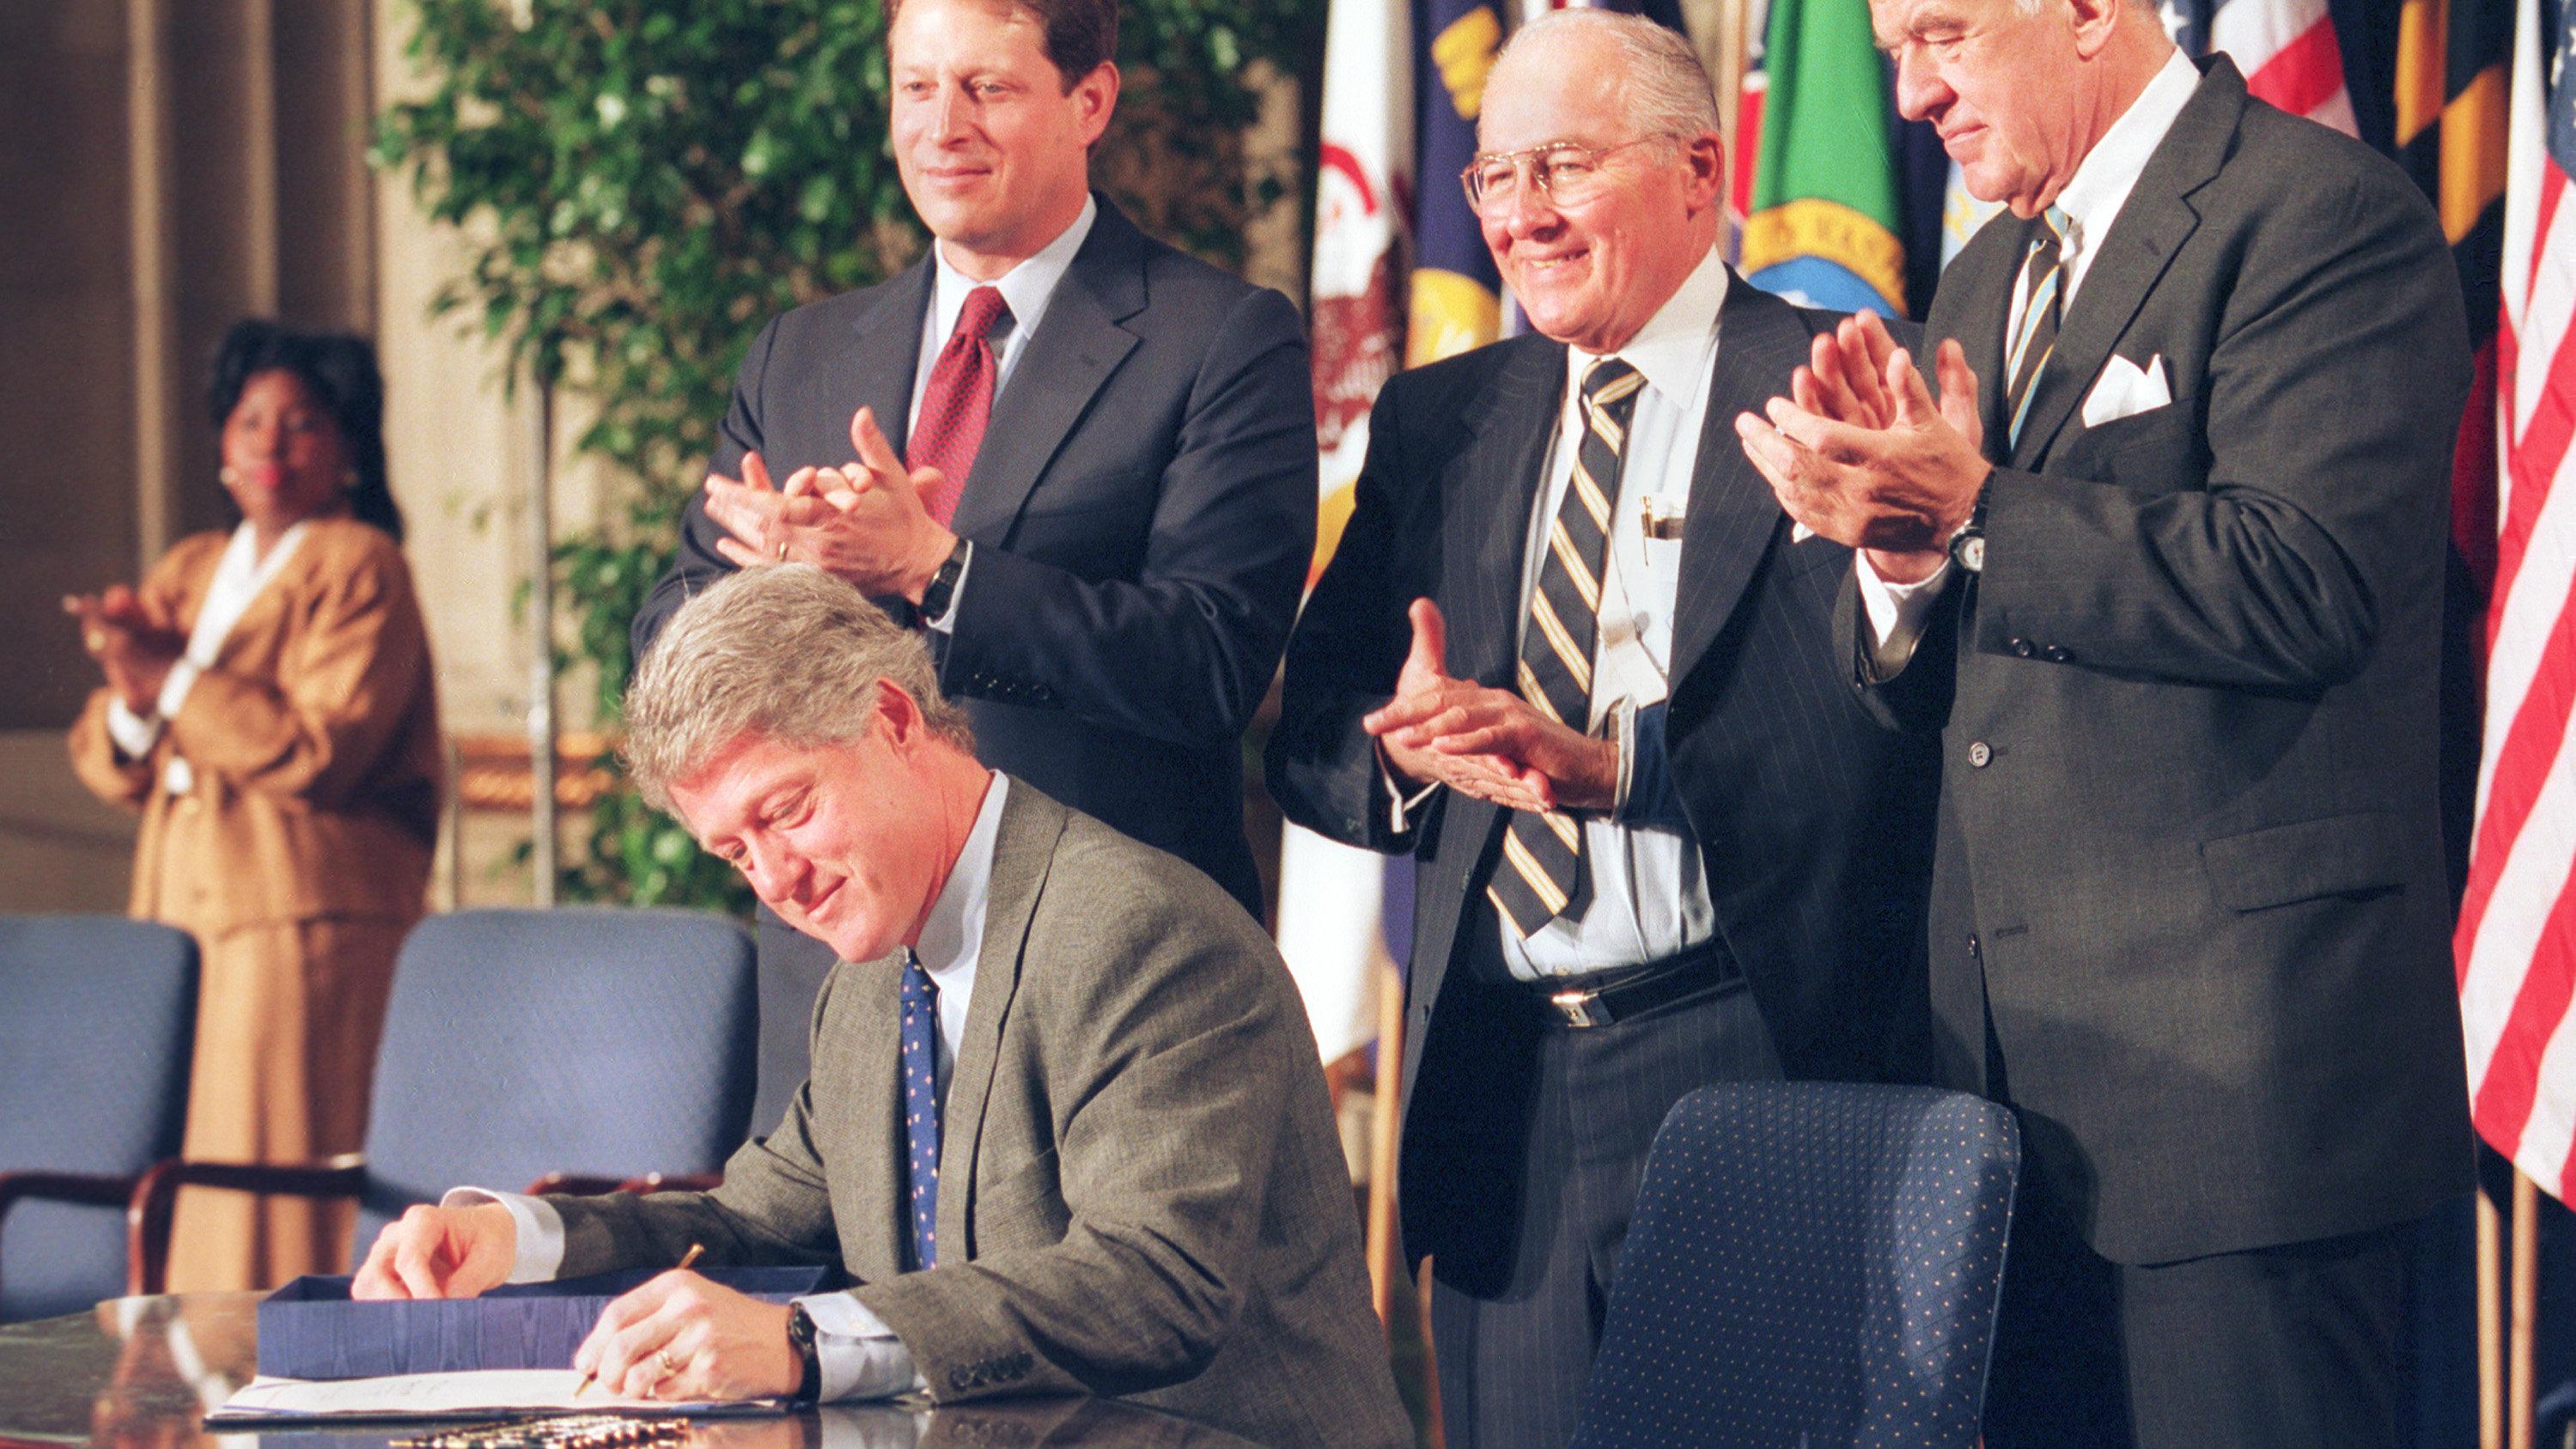 Former US President signing NAFTA.